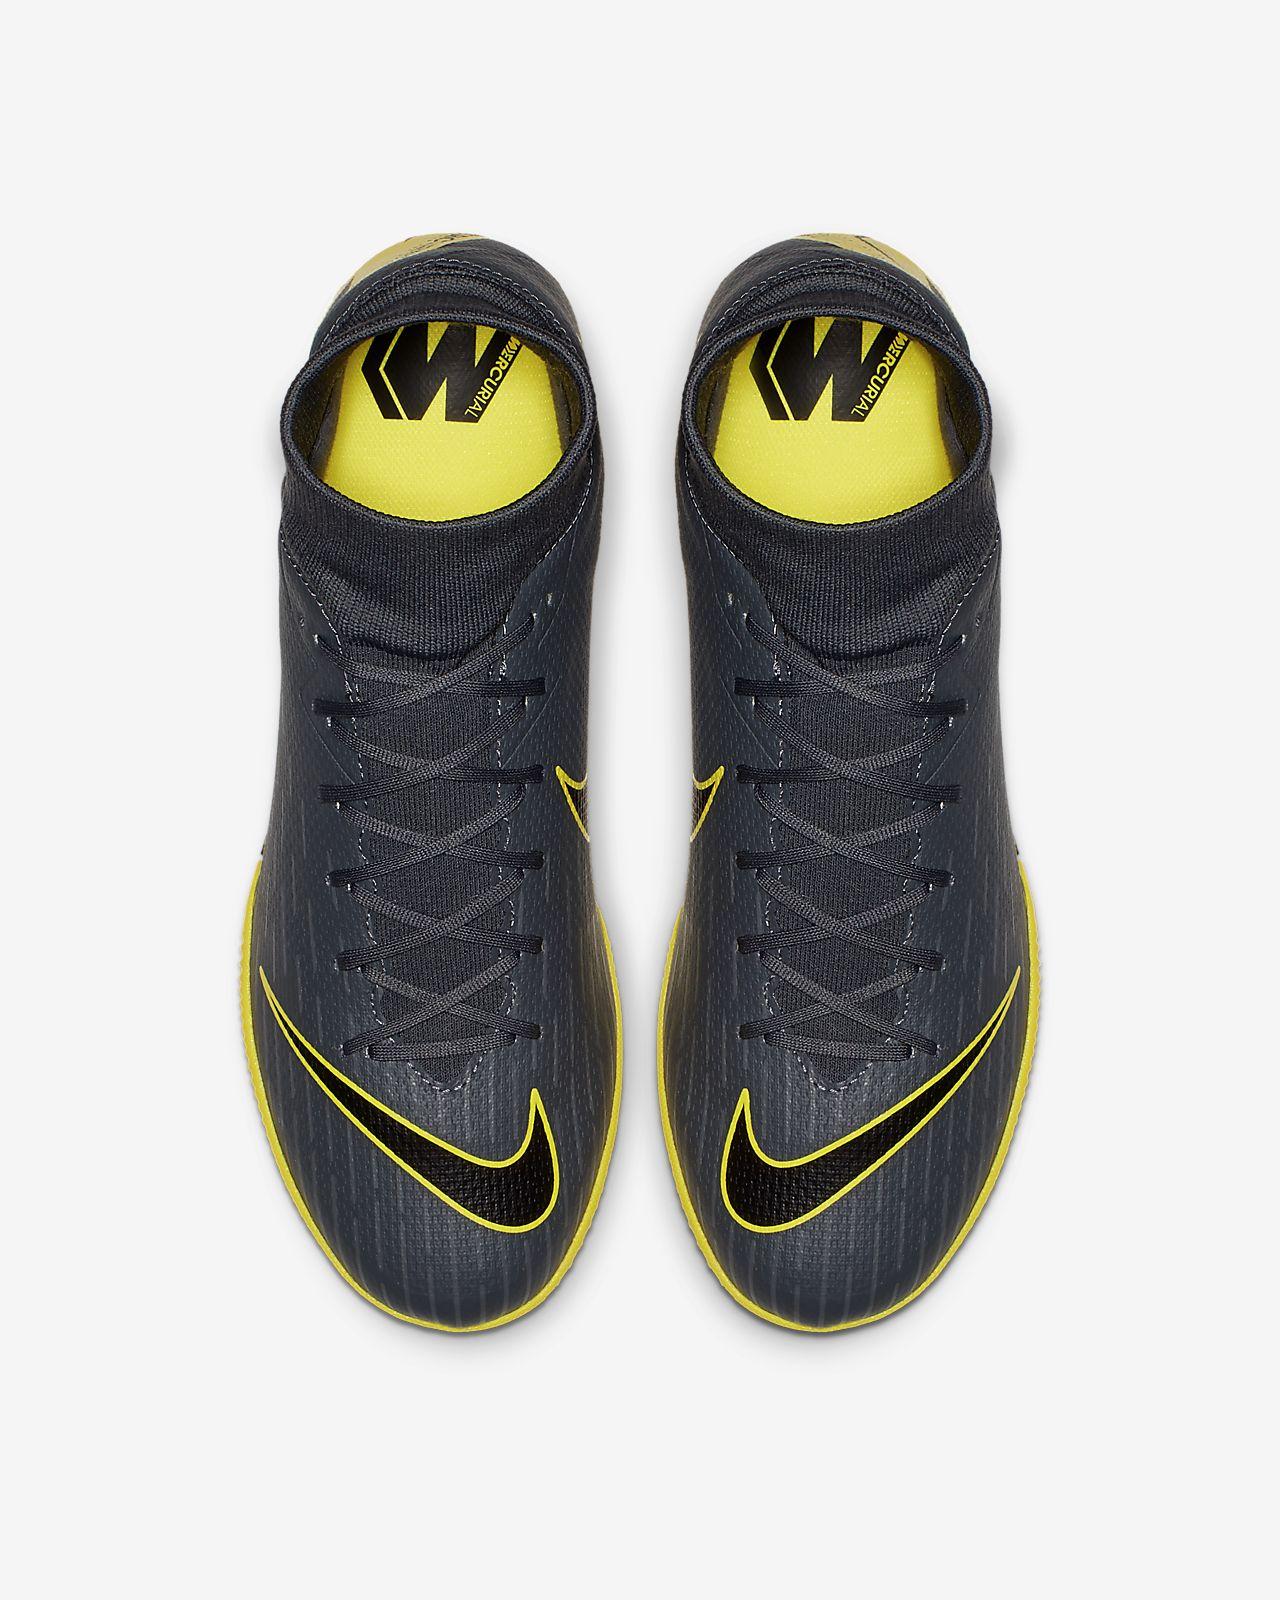 48ac6253 ... Футбольные бутсы для игры в зале/на крытом поле Nike SuperflyX 6  Academy IC